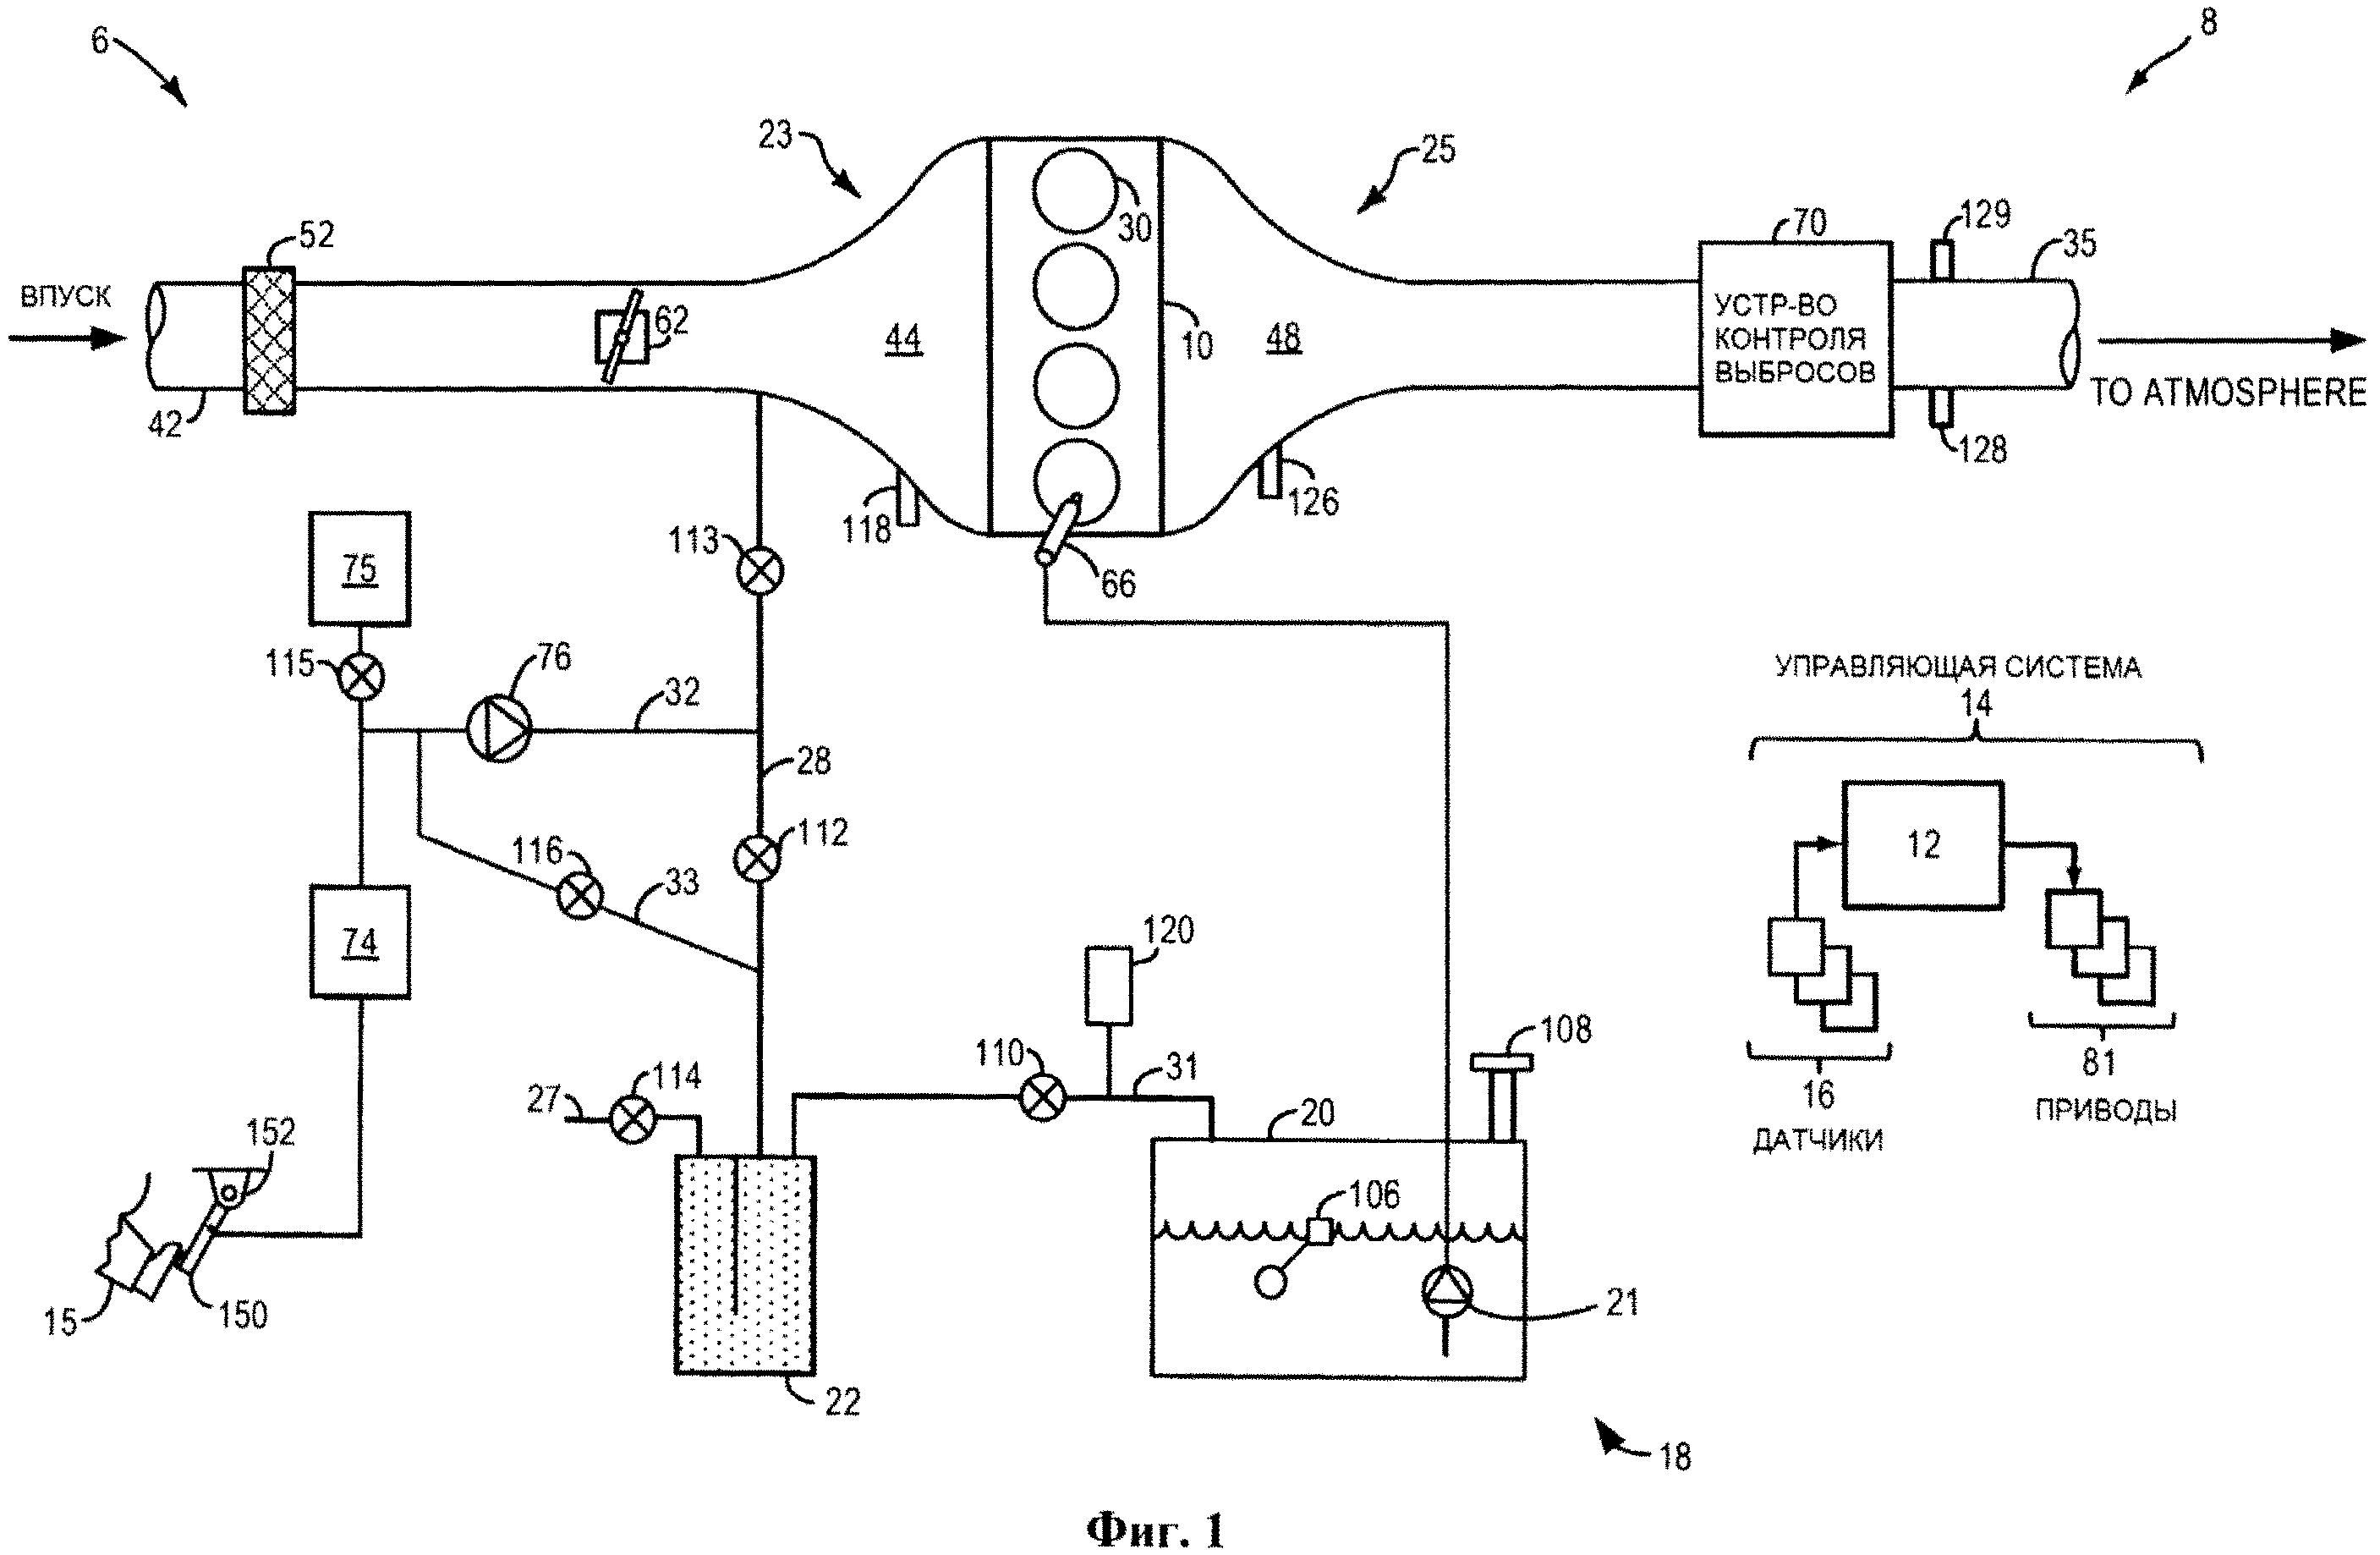 Система для обнаружения утечек топлива в транспортном средстве с гибридным приводом